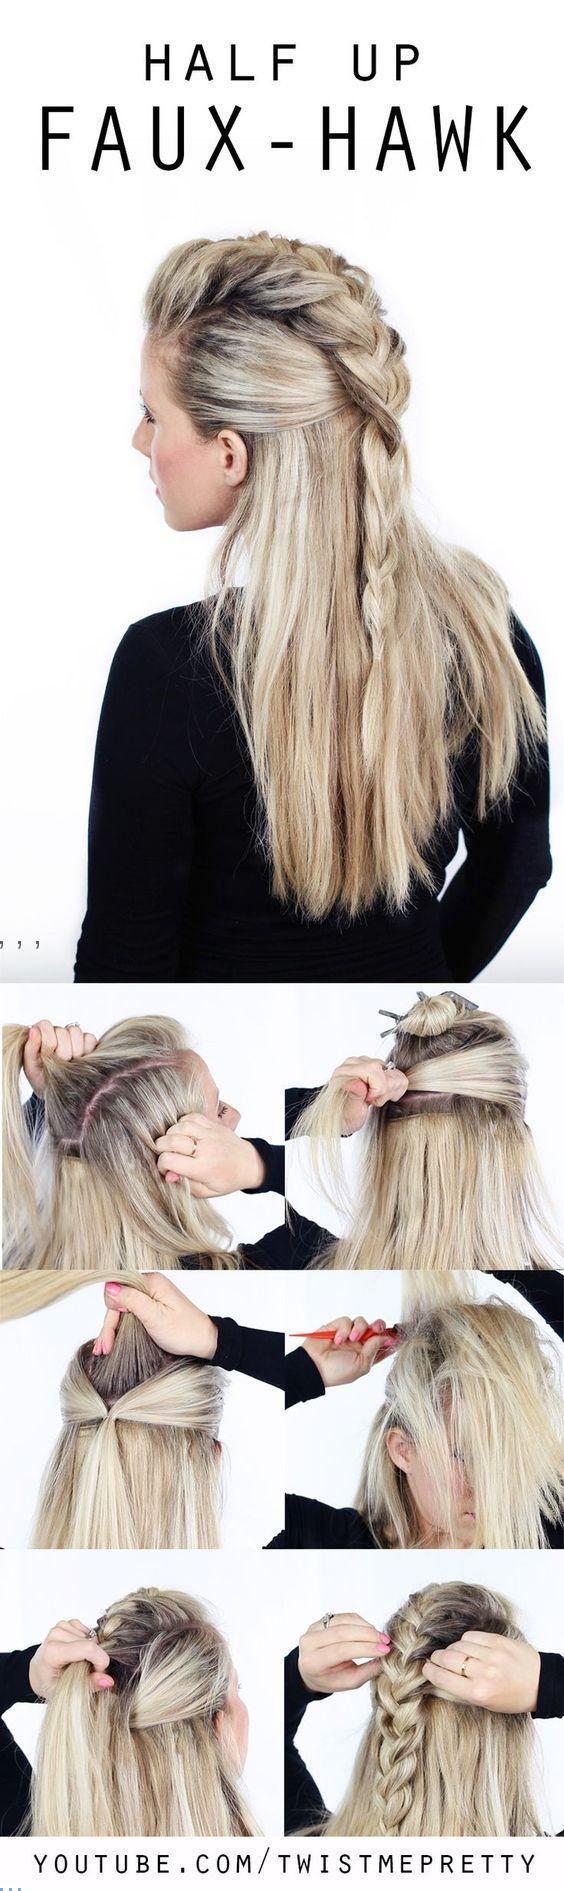 Wie sie ihr haar zu zähmen beautyhair pinterest hair style